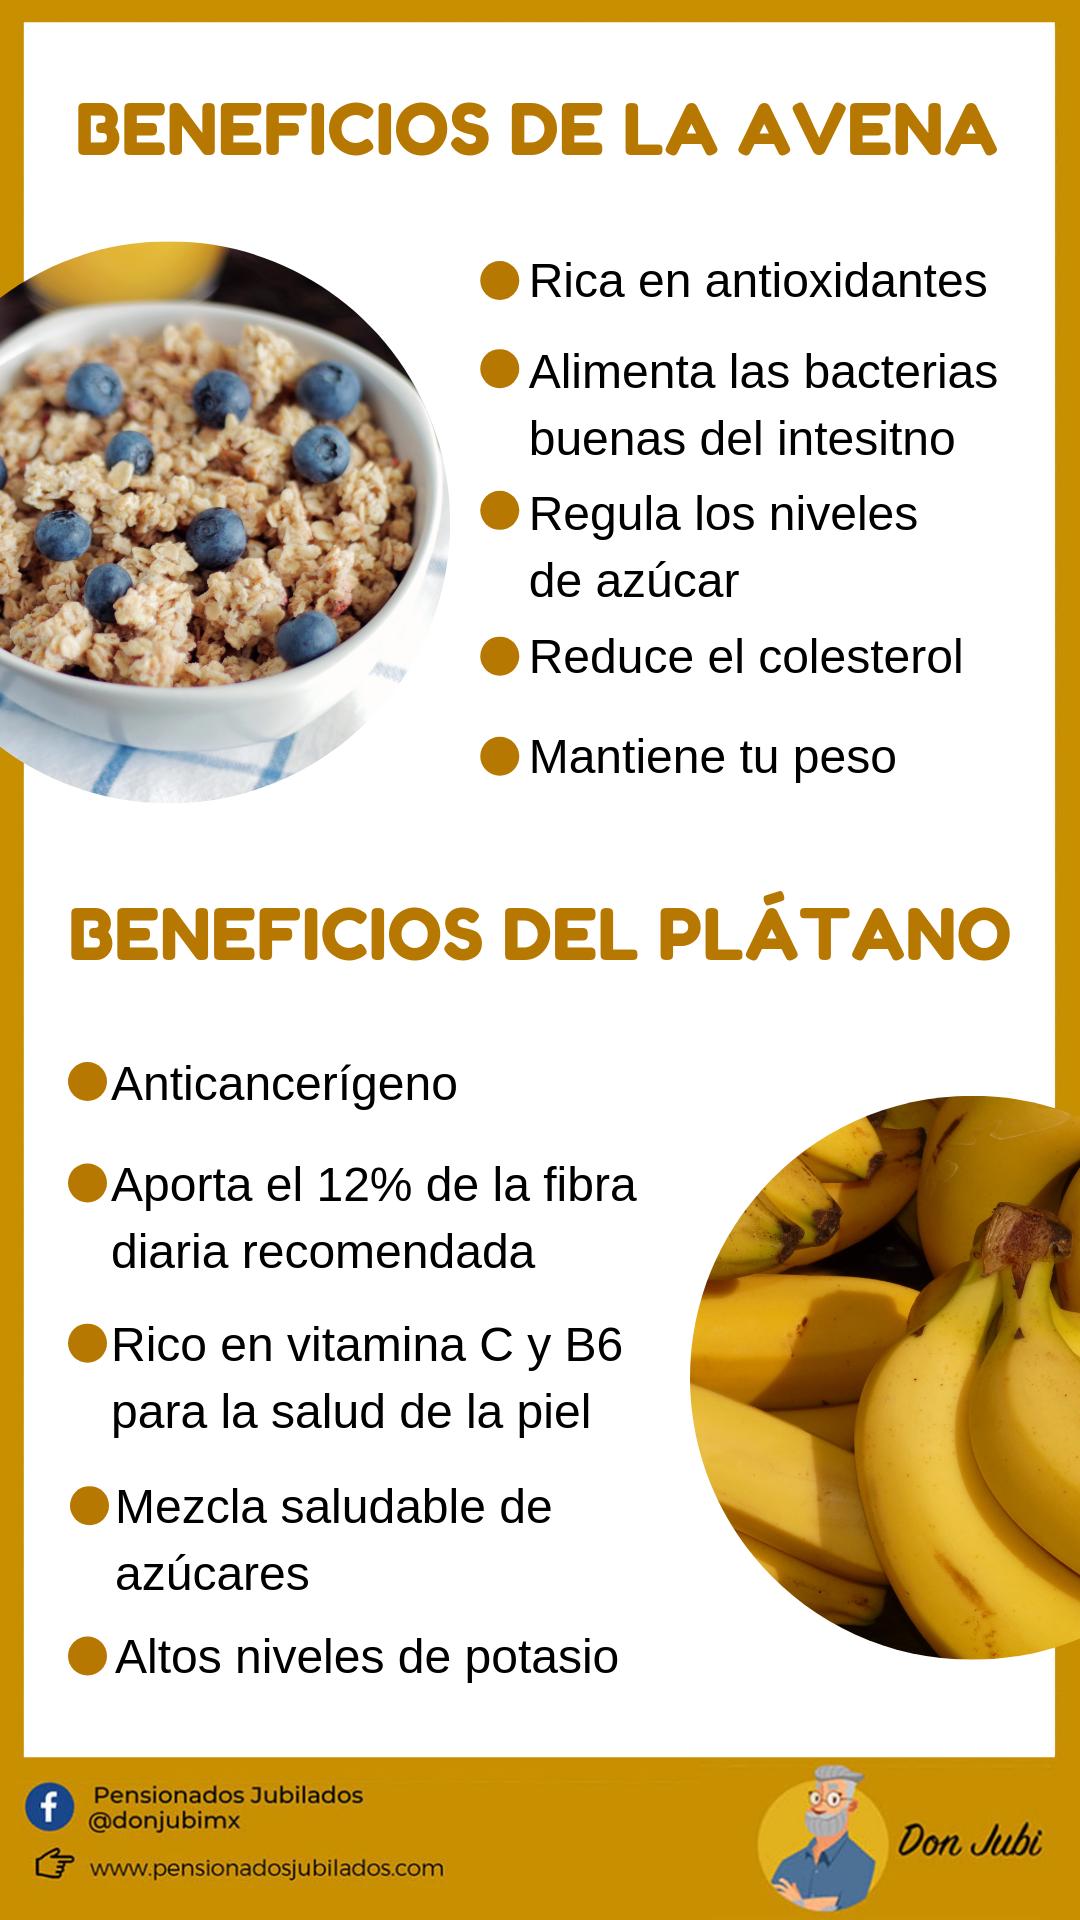 infografia explicando los beneficios de la avena y el platano